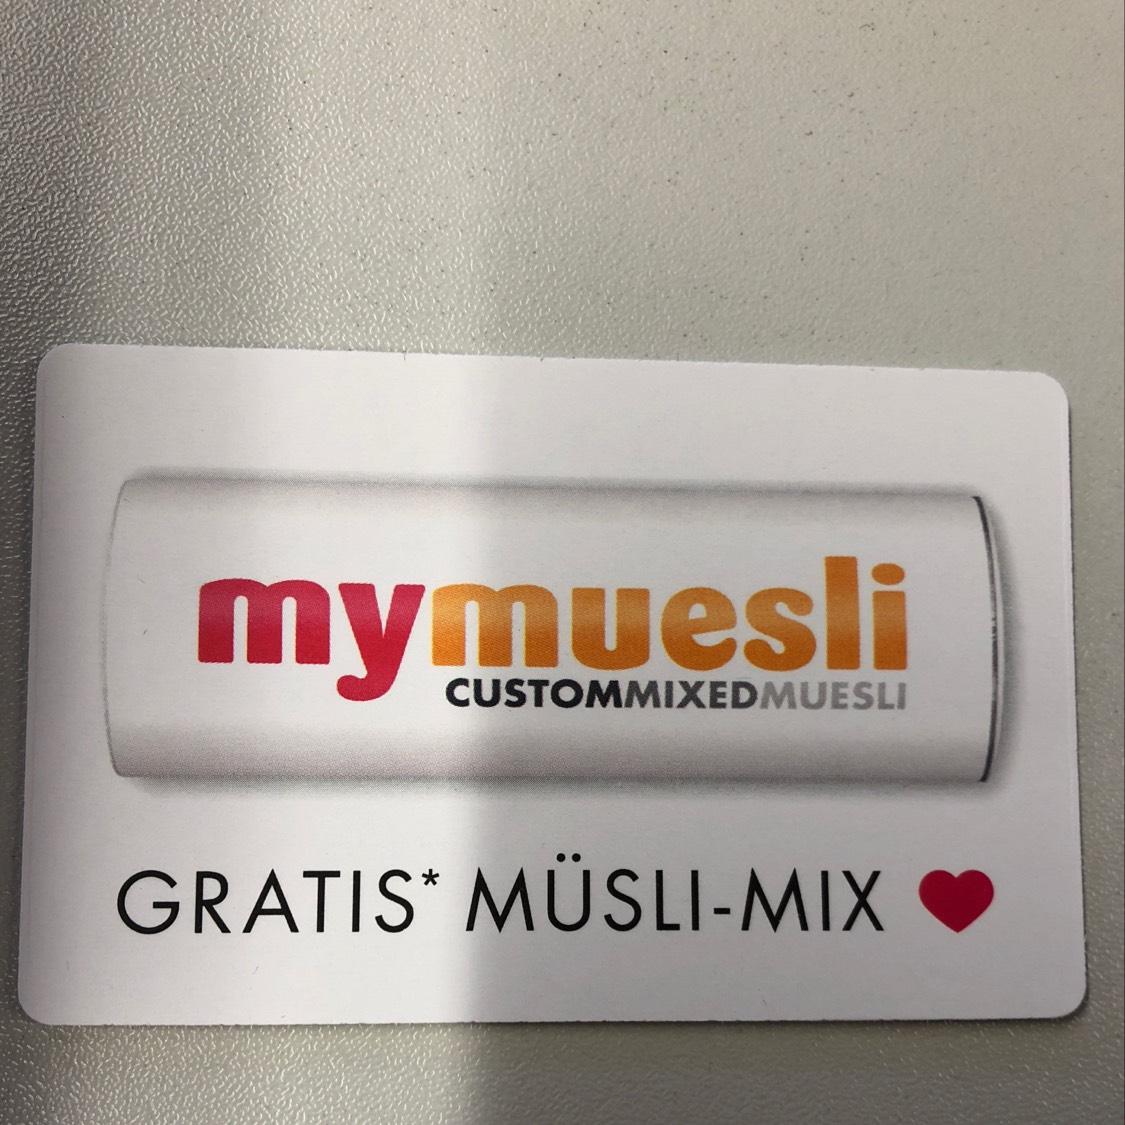 Gratis (Max 10€) MÜSLI-MIX mymuesli